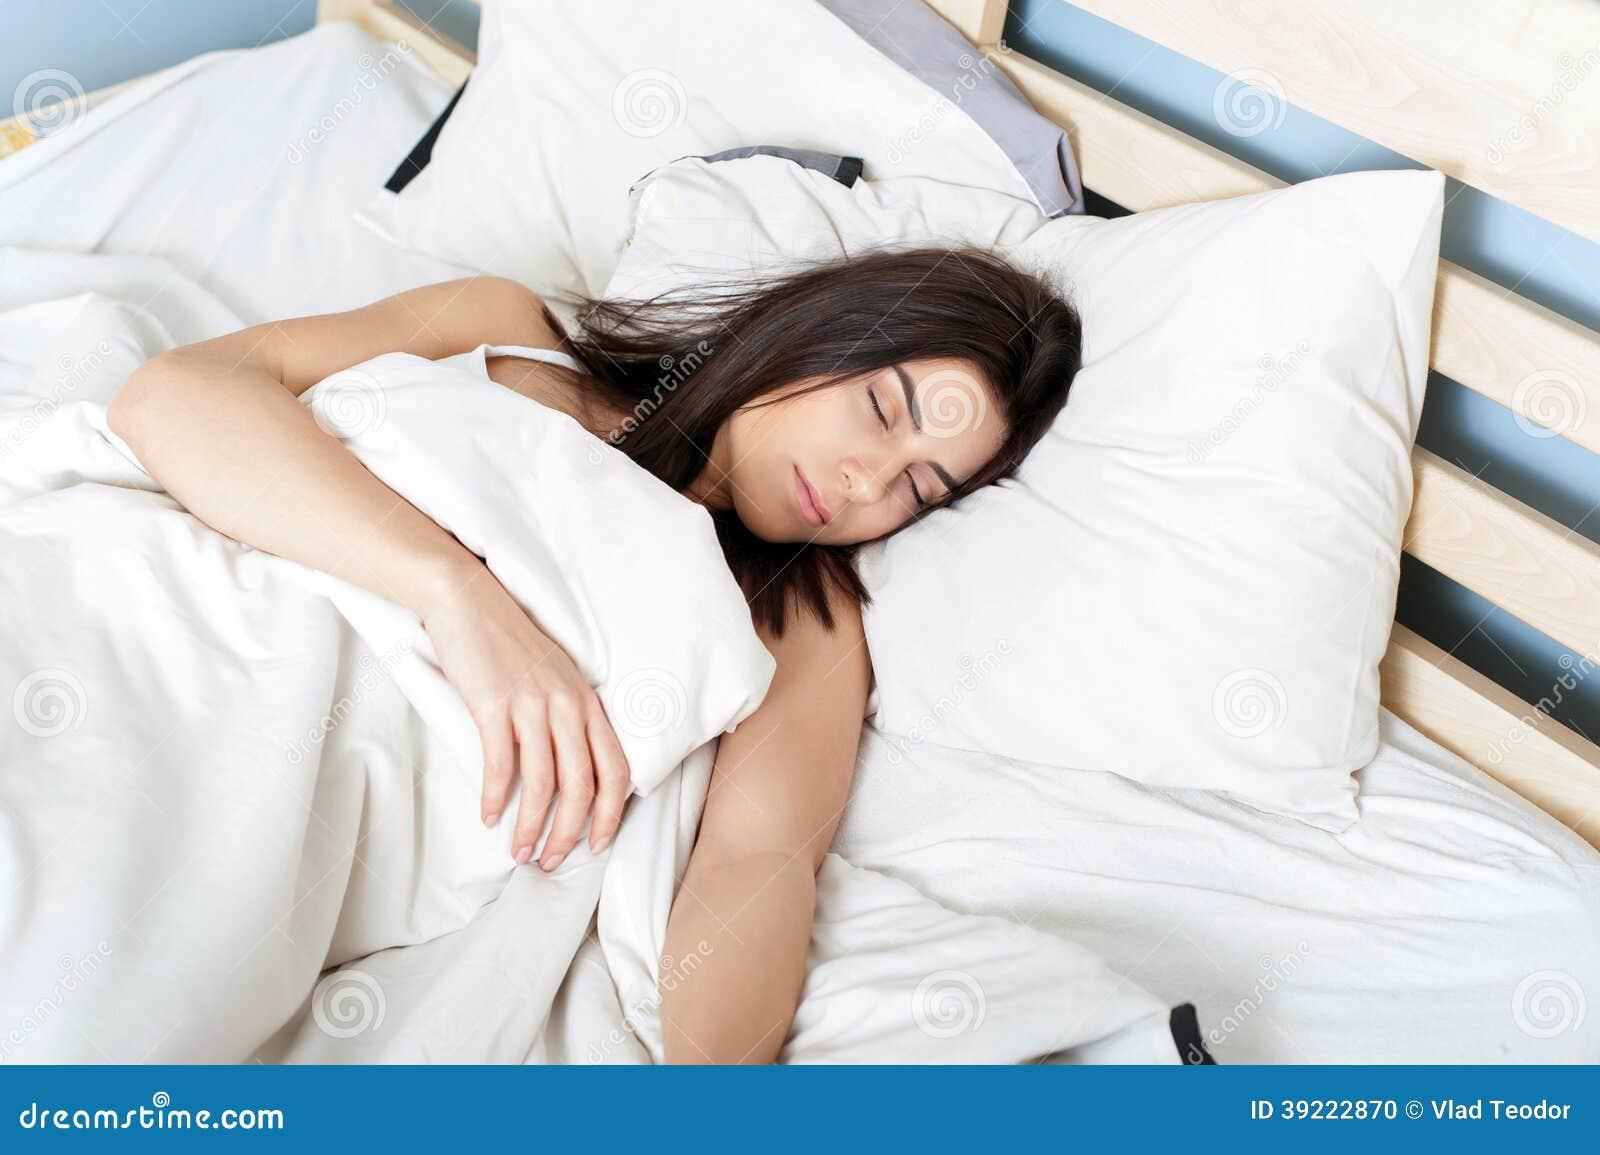 Photos pour Femme endormie, Images de Femme endormie